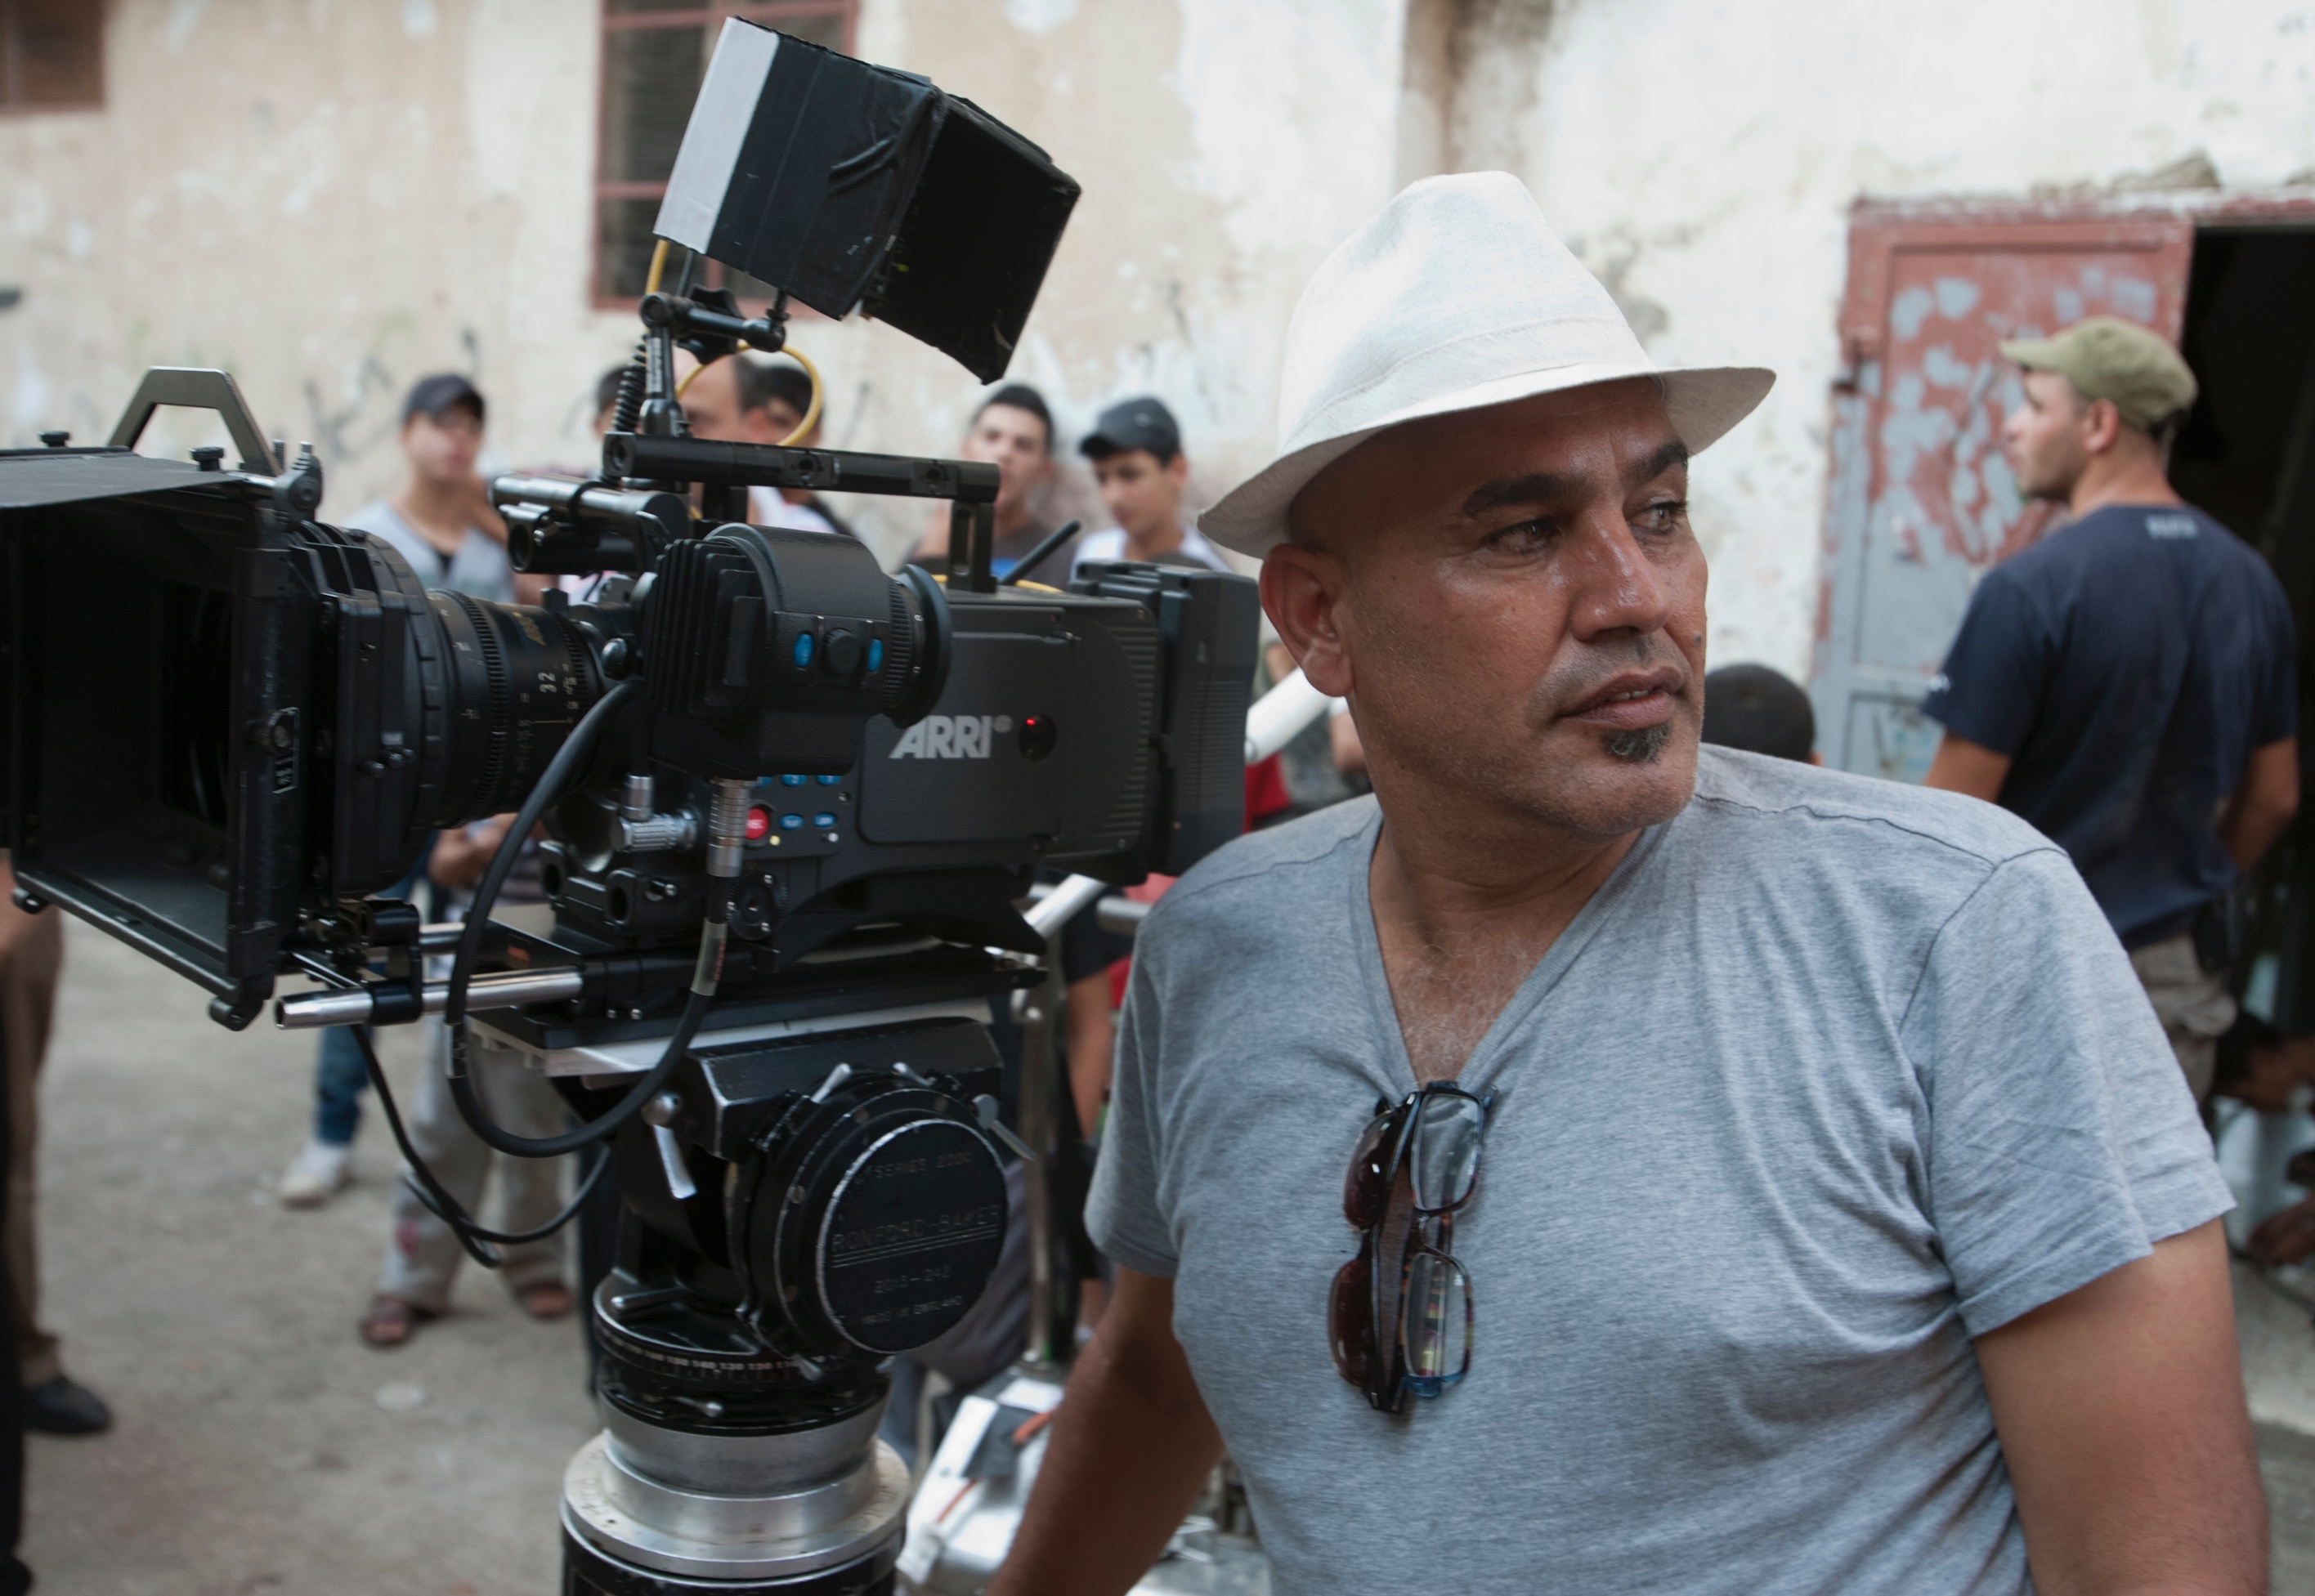 رشيد مشهراوي: «كتابة على الثلج» حكاية فلسطينية بمنظور عربي